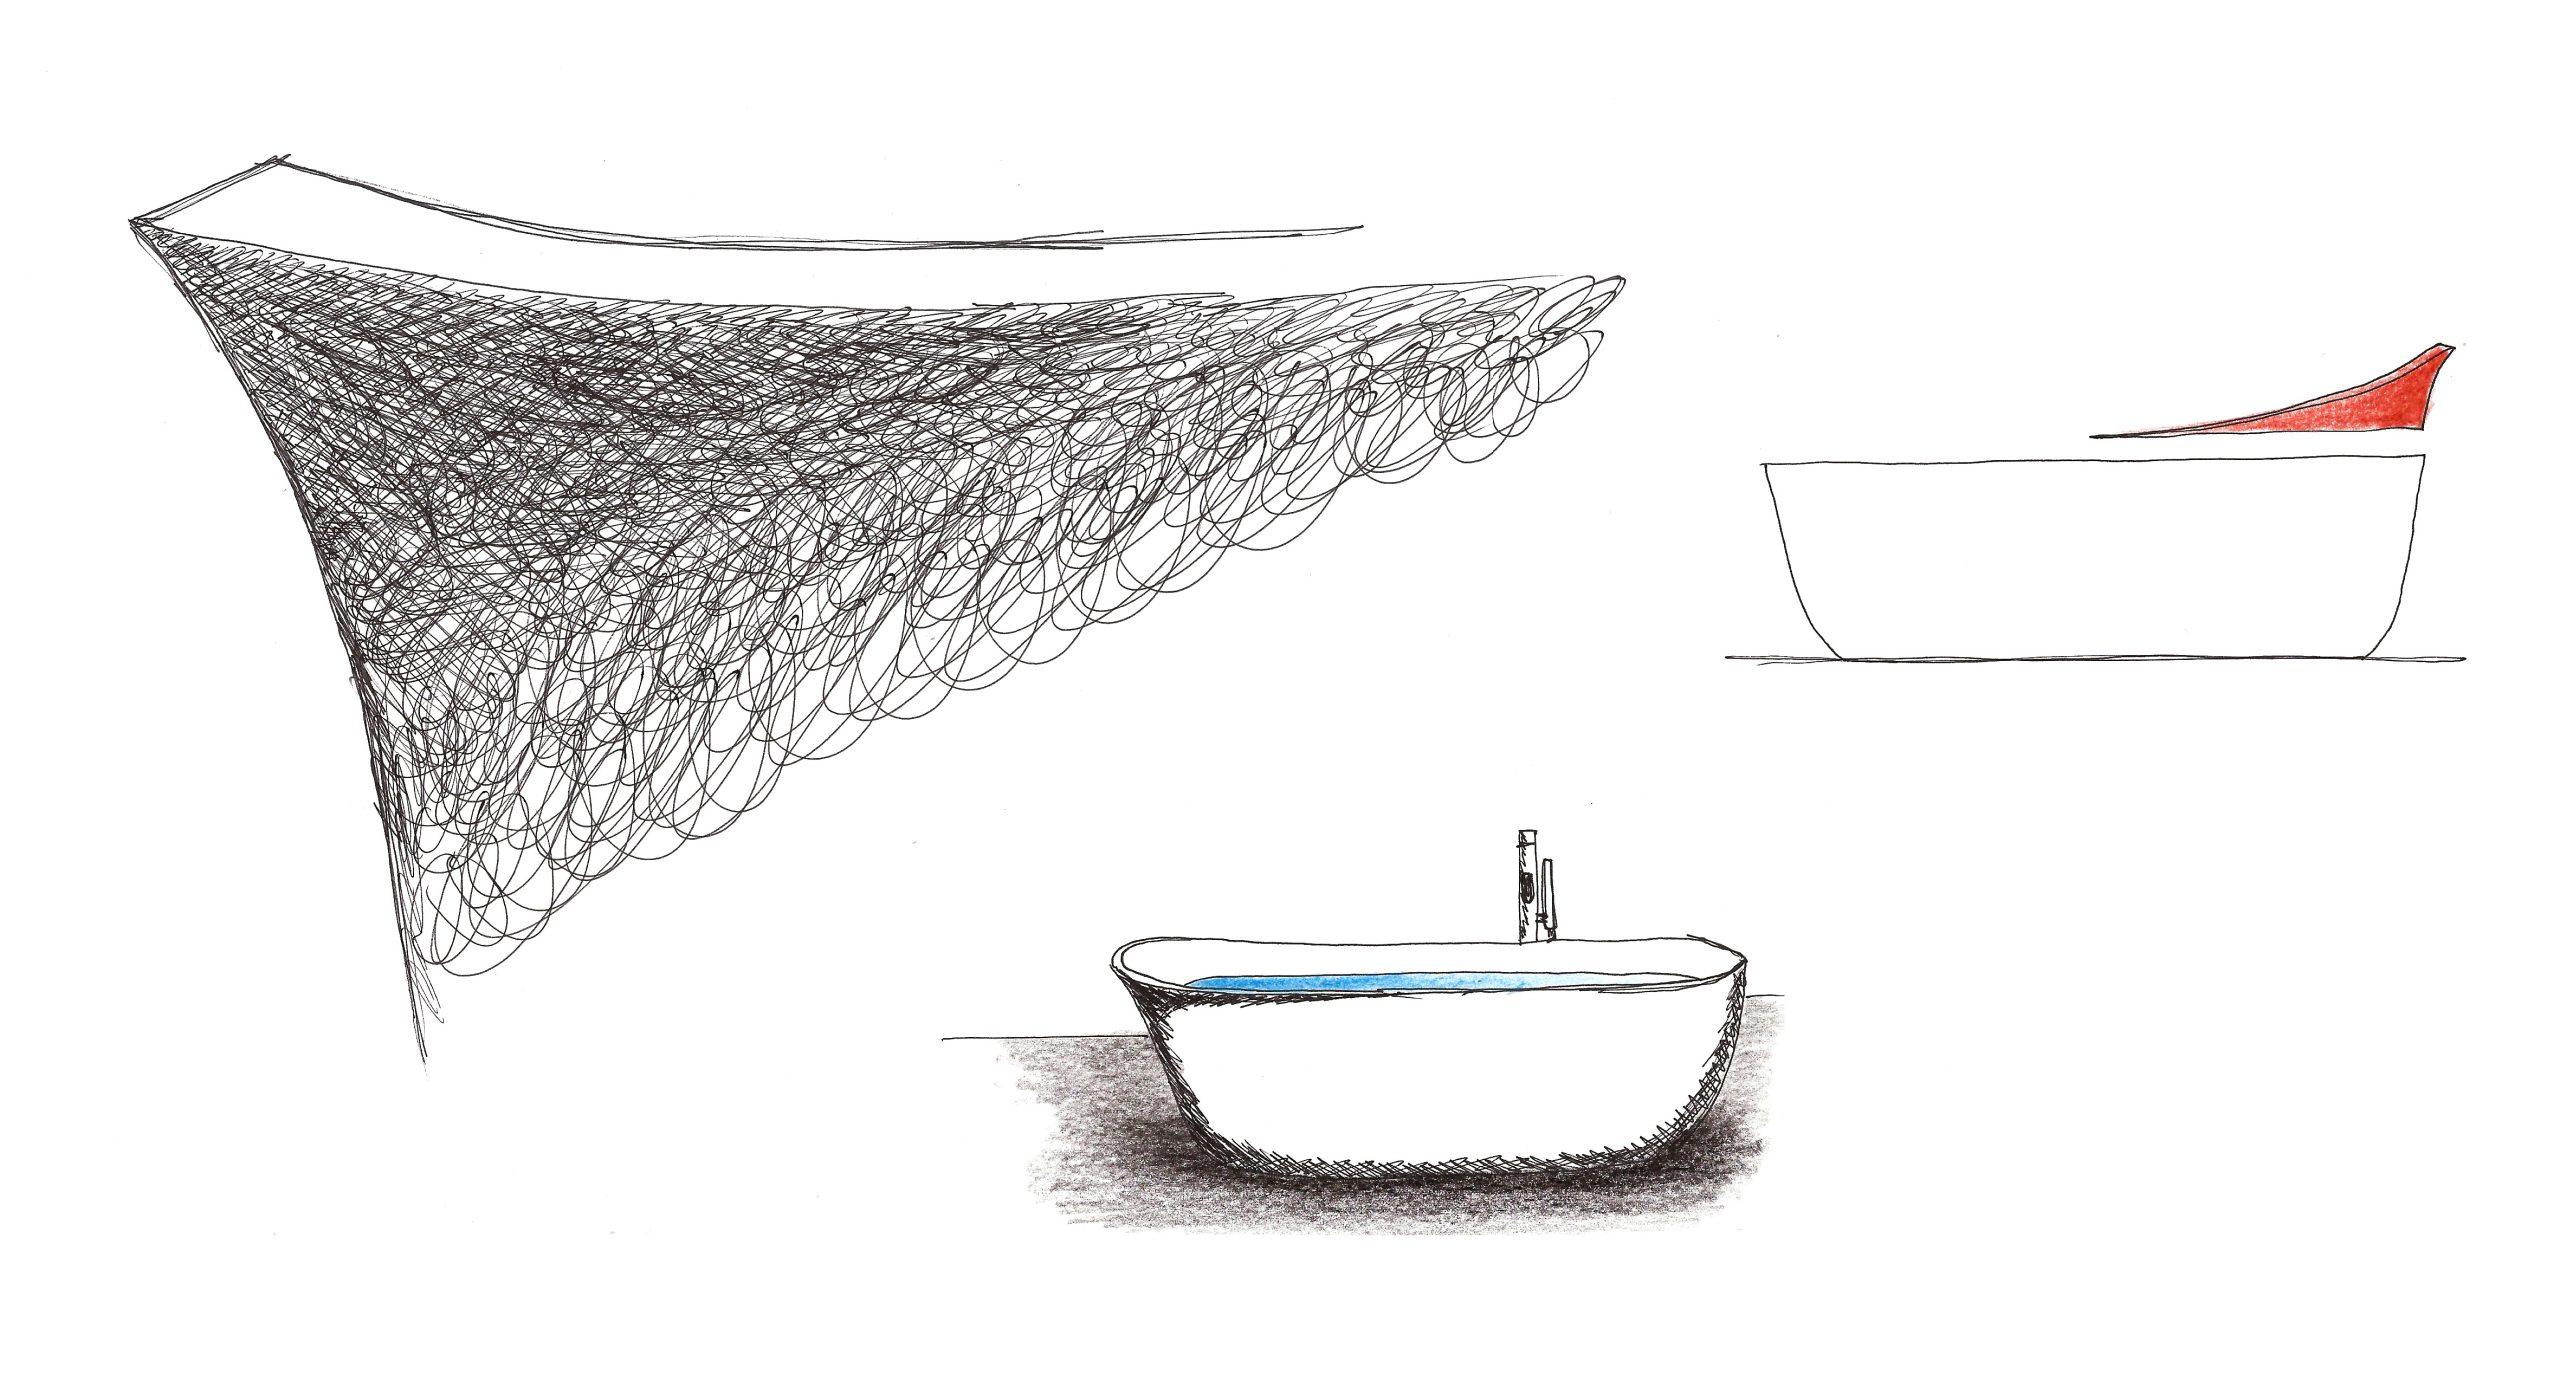 Sketch of Dafne bathtub by Daniel Debiasi and Federico Sandri